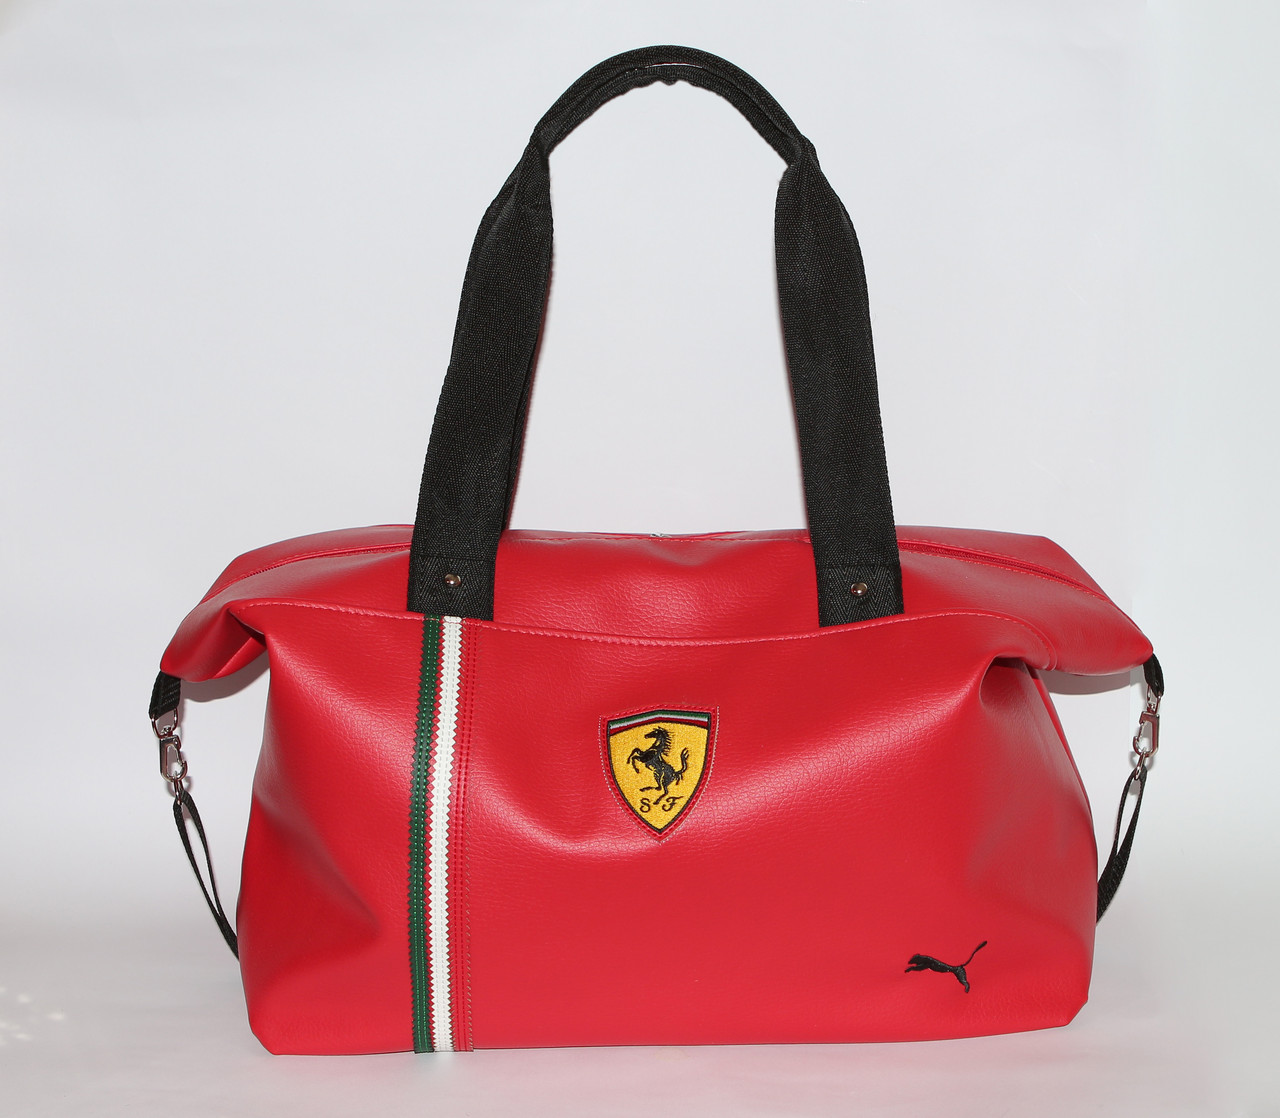 8e9369de0241 Cтильные сумки Пума Феррари Puma Ferrari модные сумки женские - Медицинская  одежда, Мужская и Женская